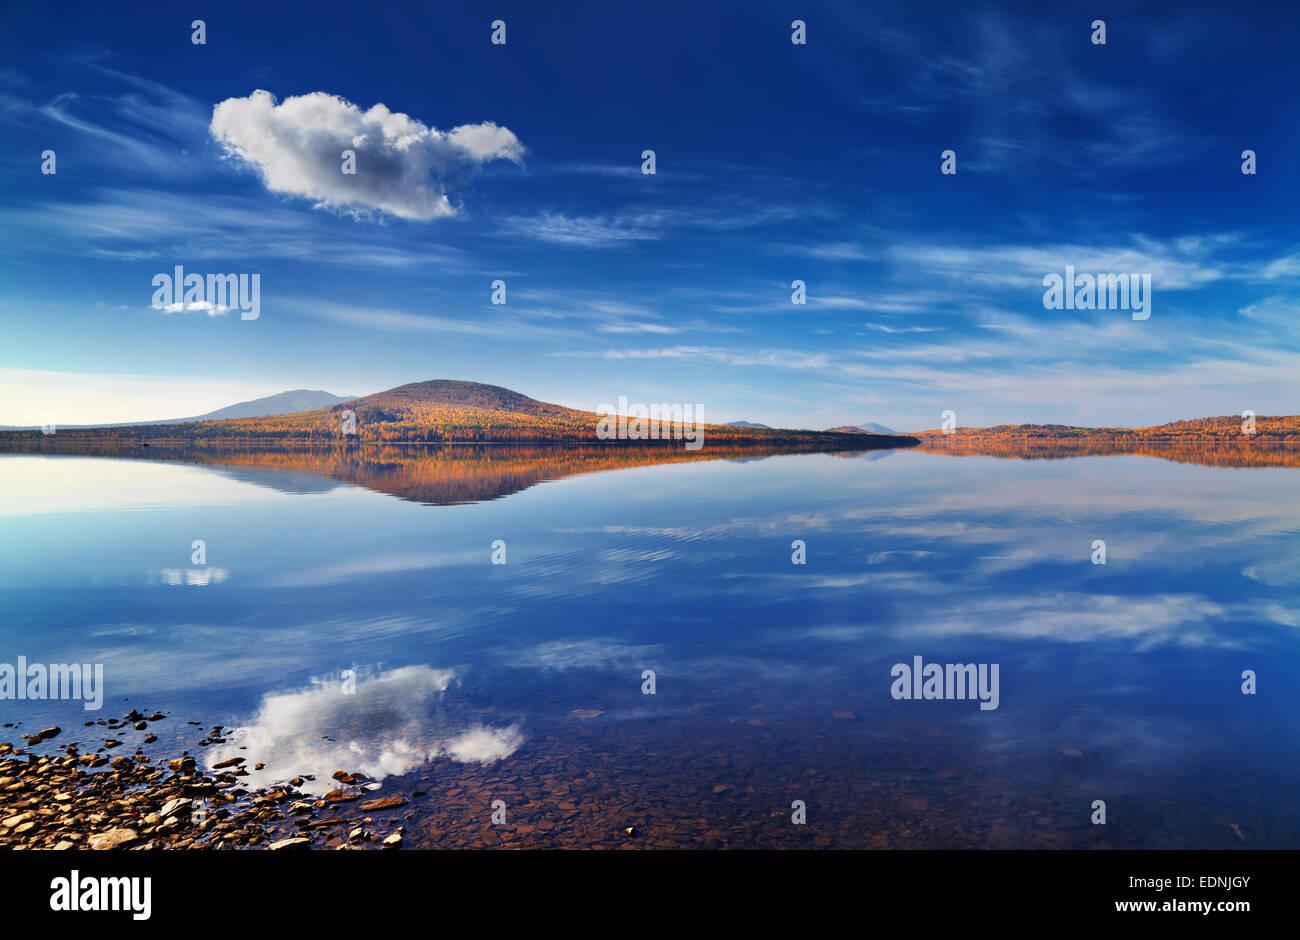 Lago Zuratkul en los montes Urales, Rusia Imagen De Stock